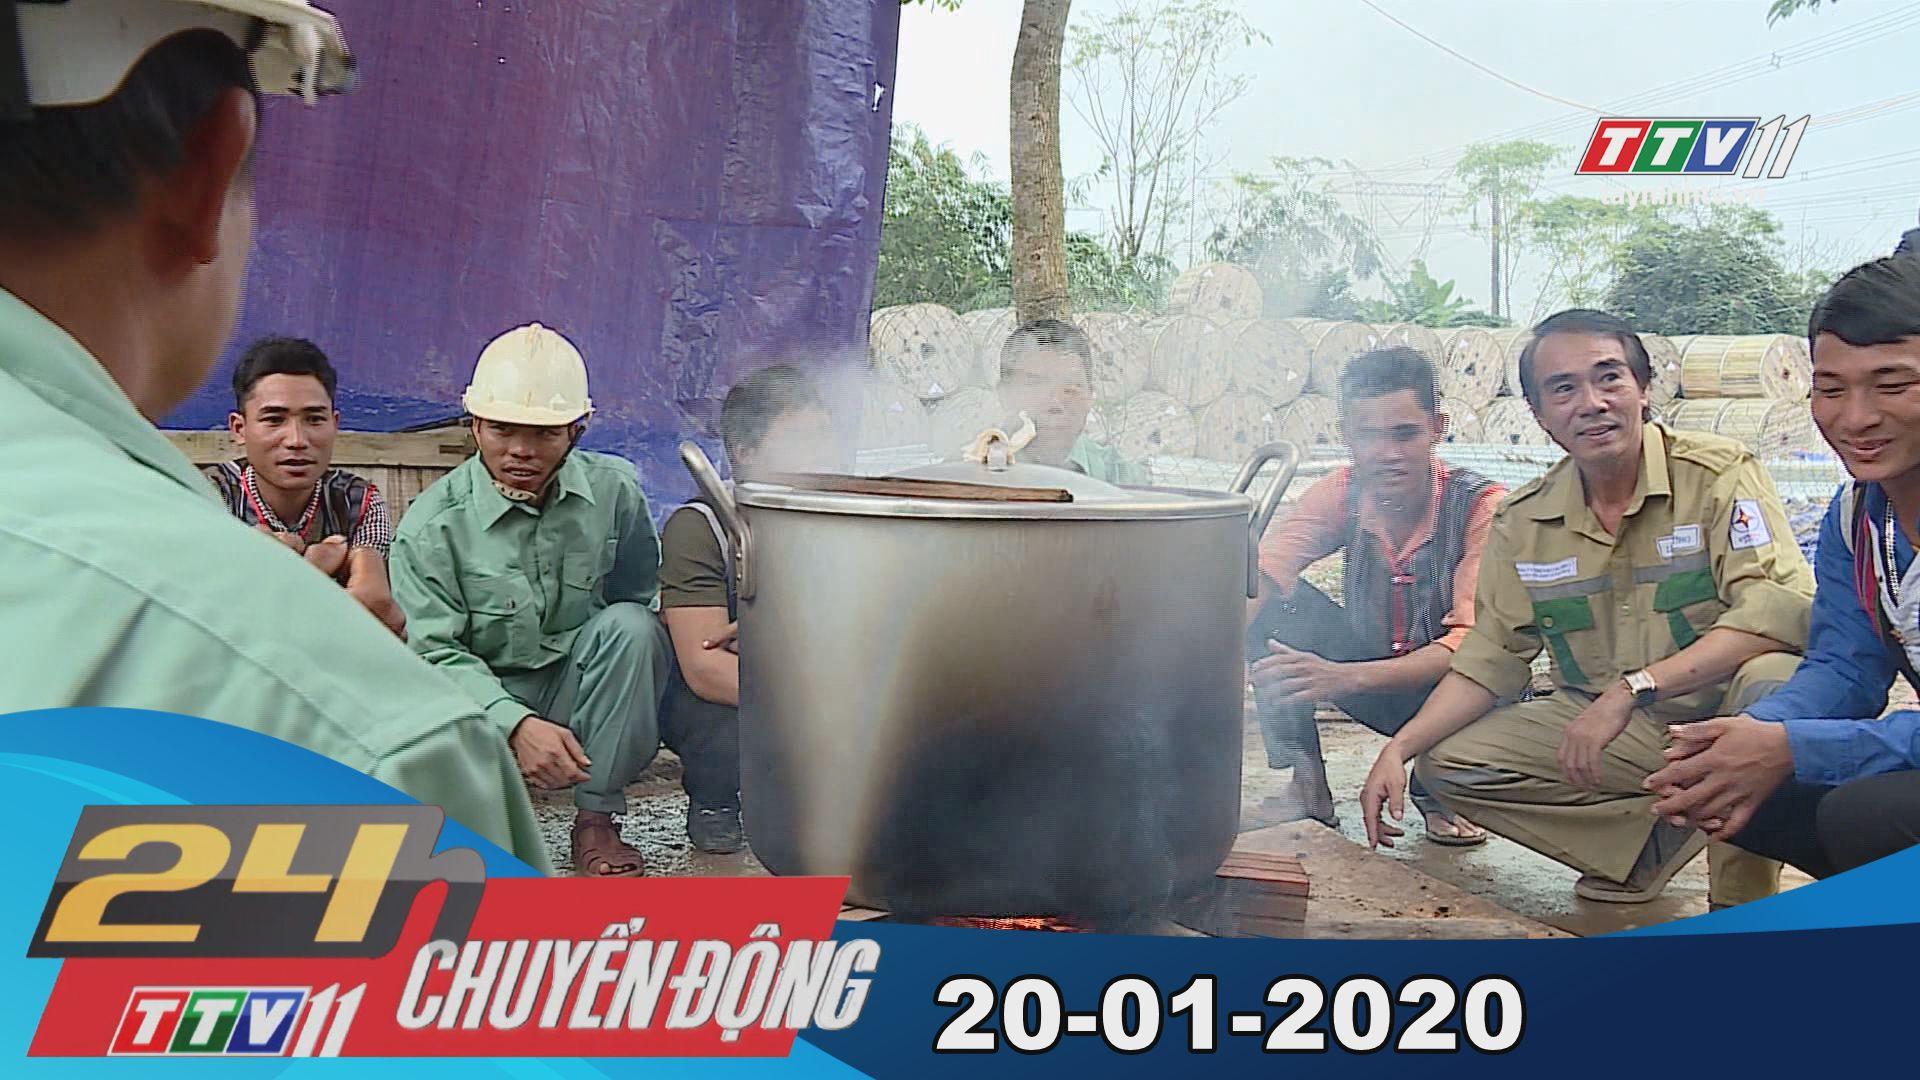 24h Chuyển động 20-01-2020 | Tin tức hôm nay | TayNinhTV